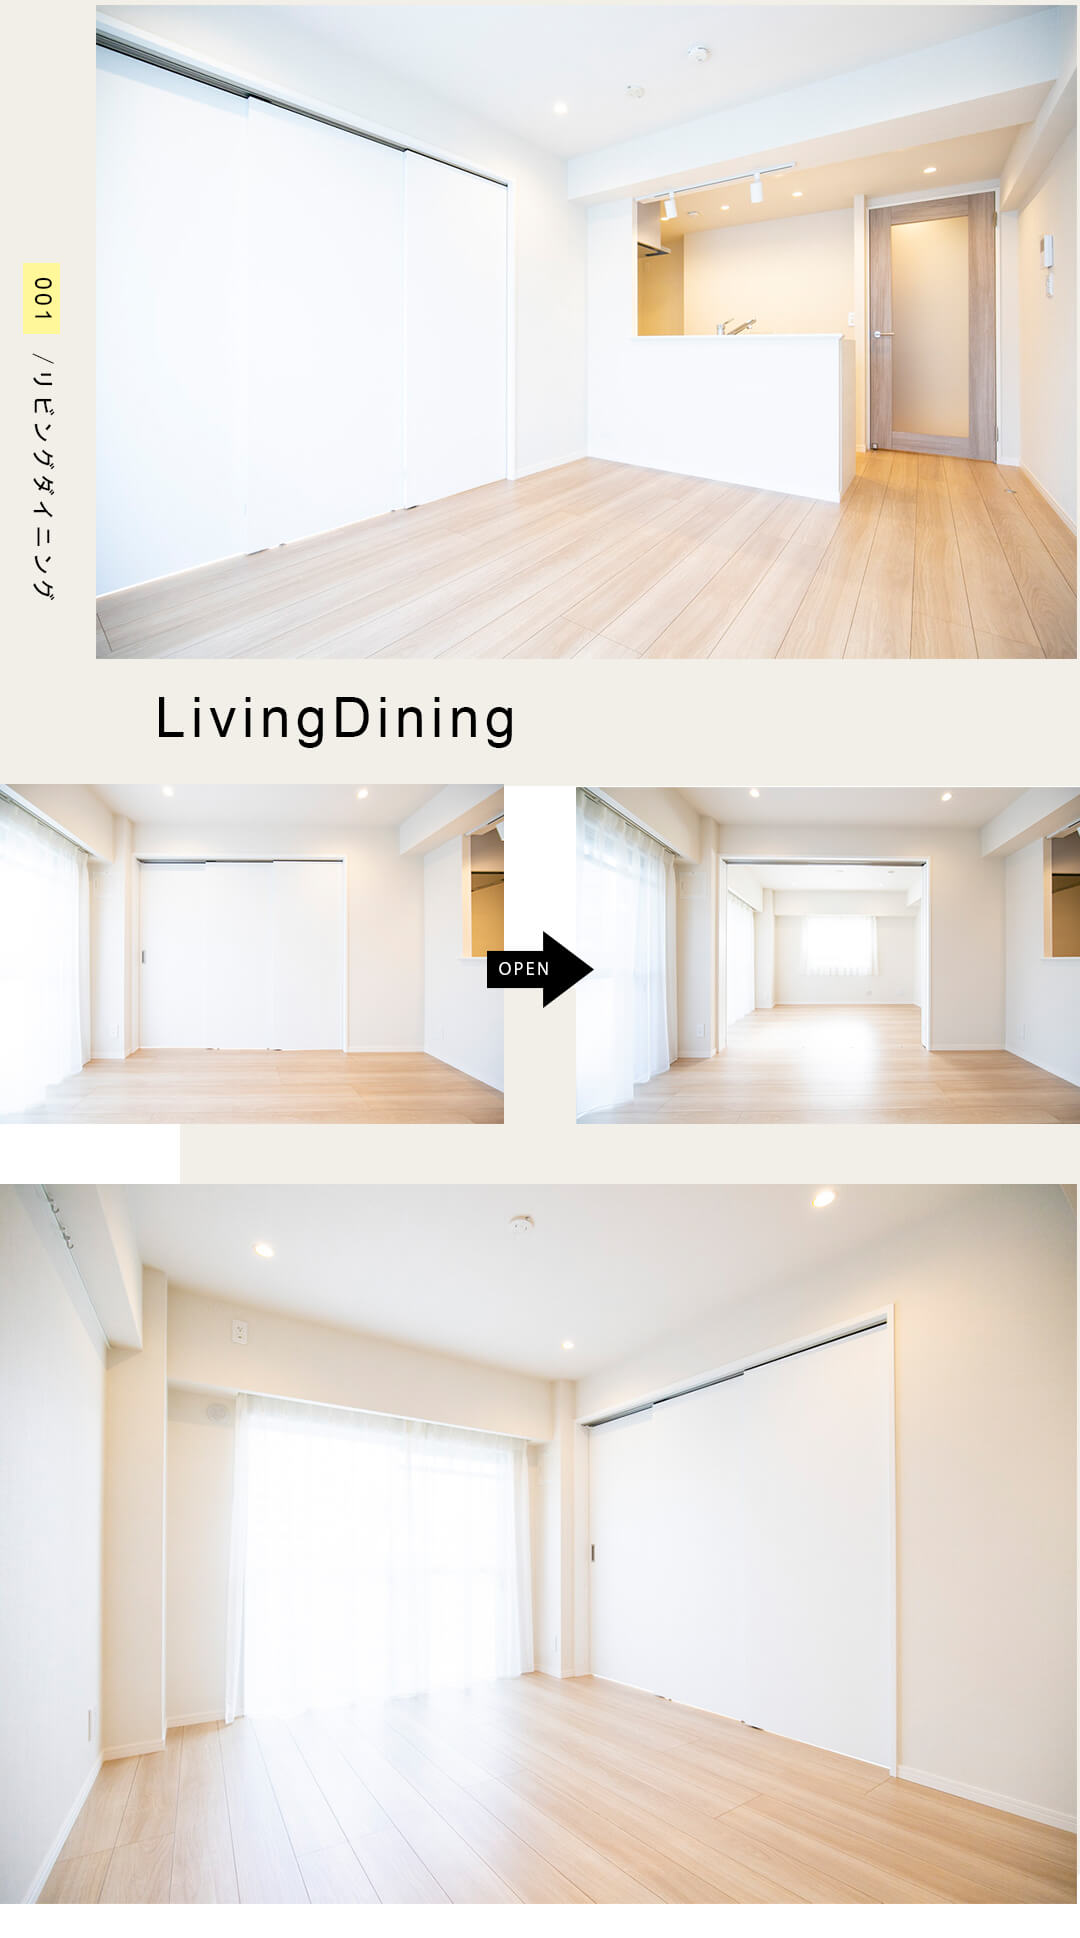 01リビングダイニング,Living Dining